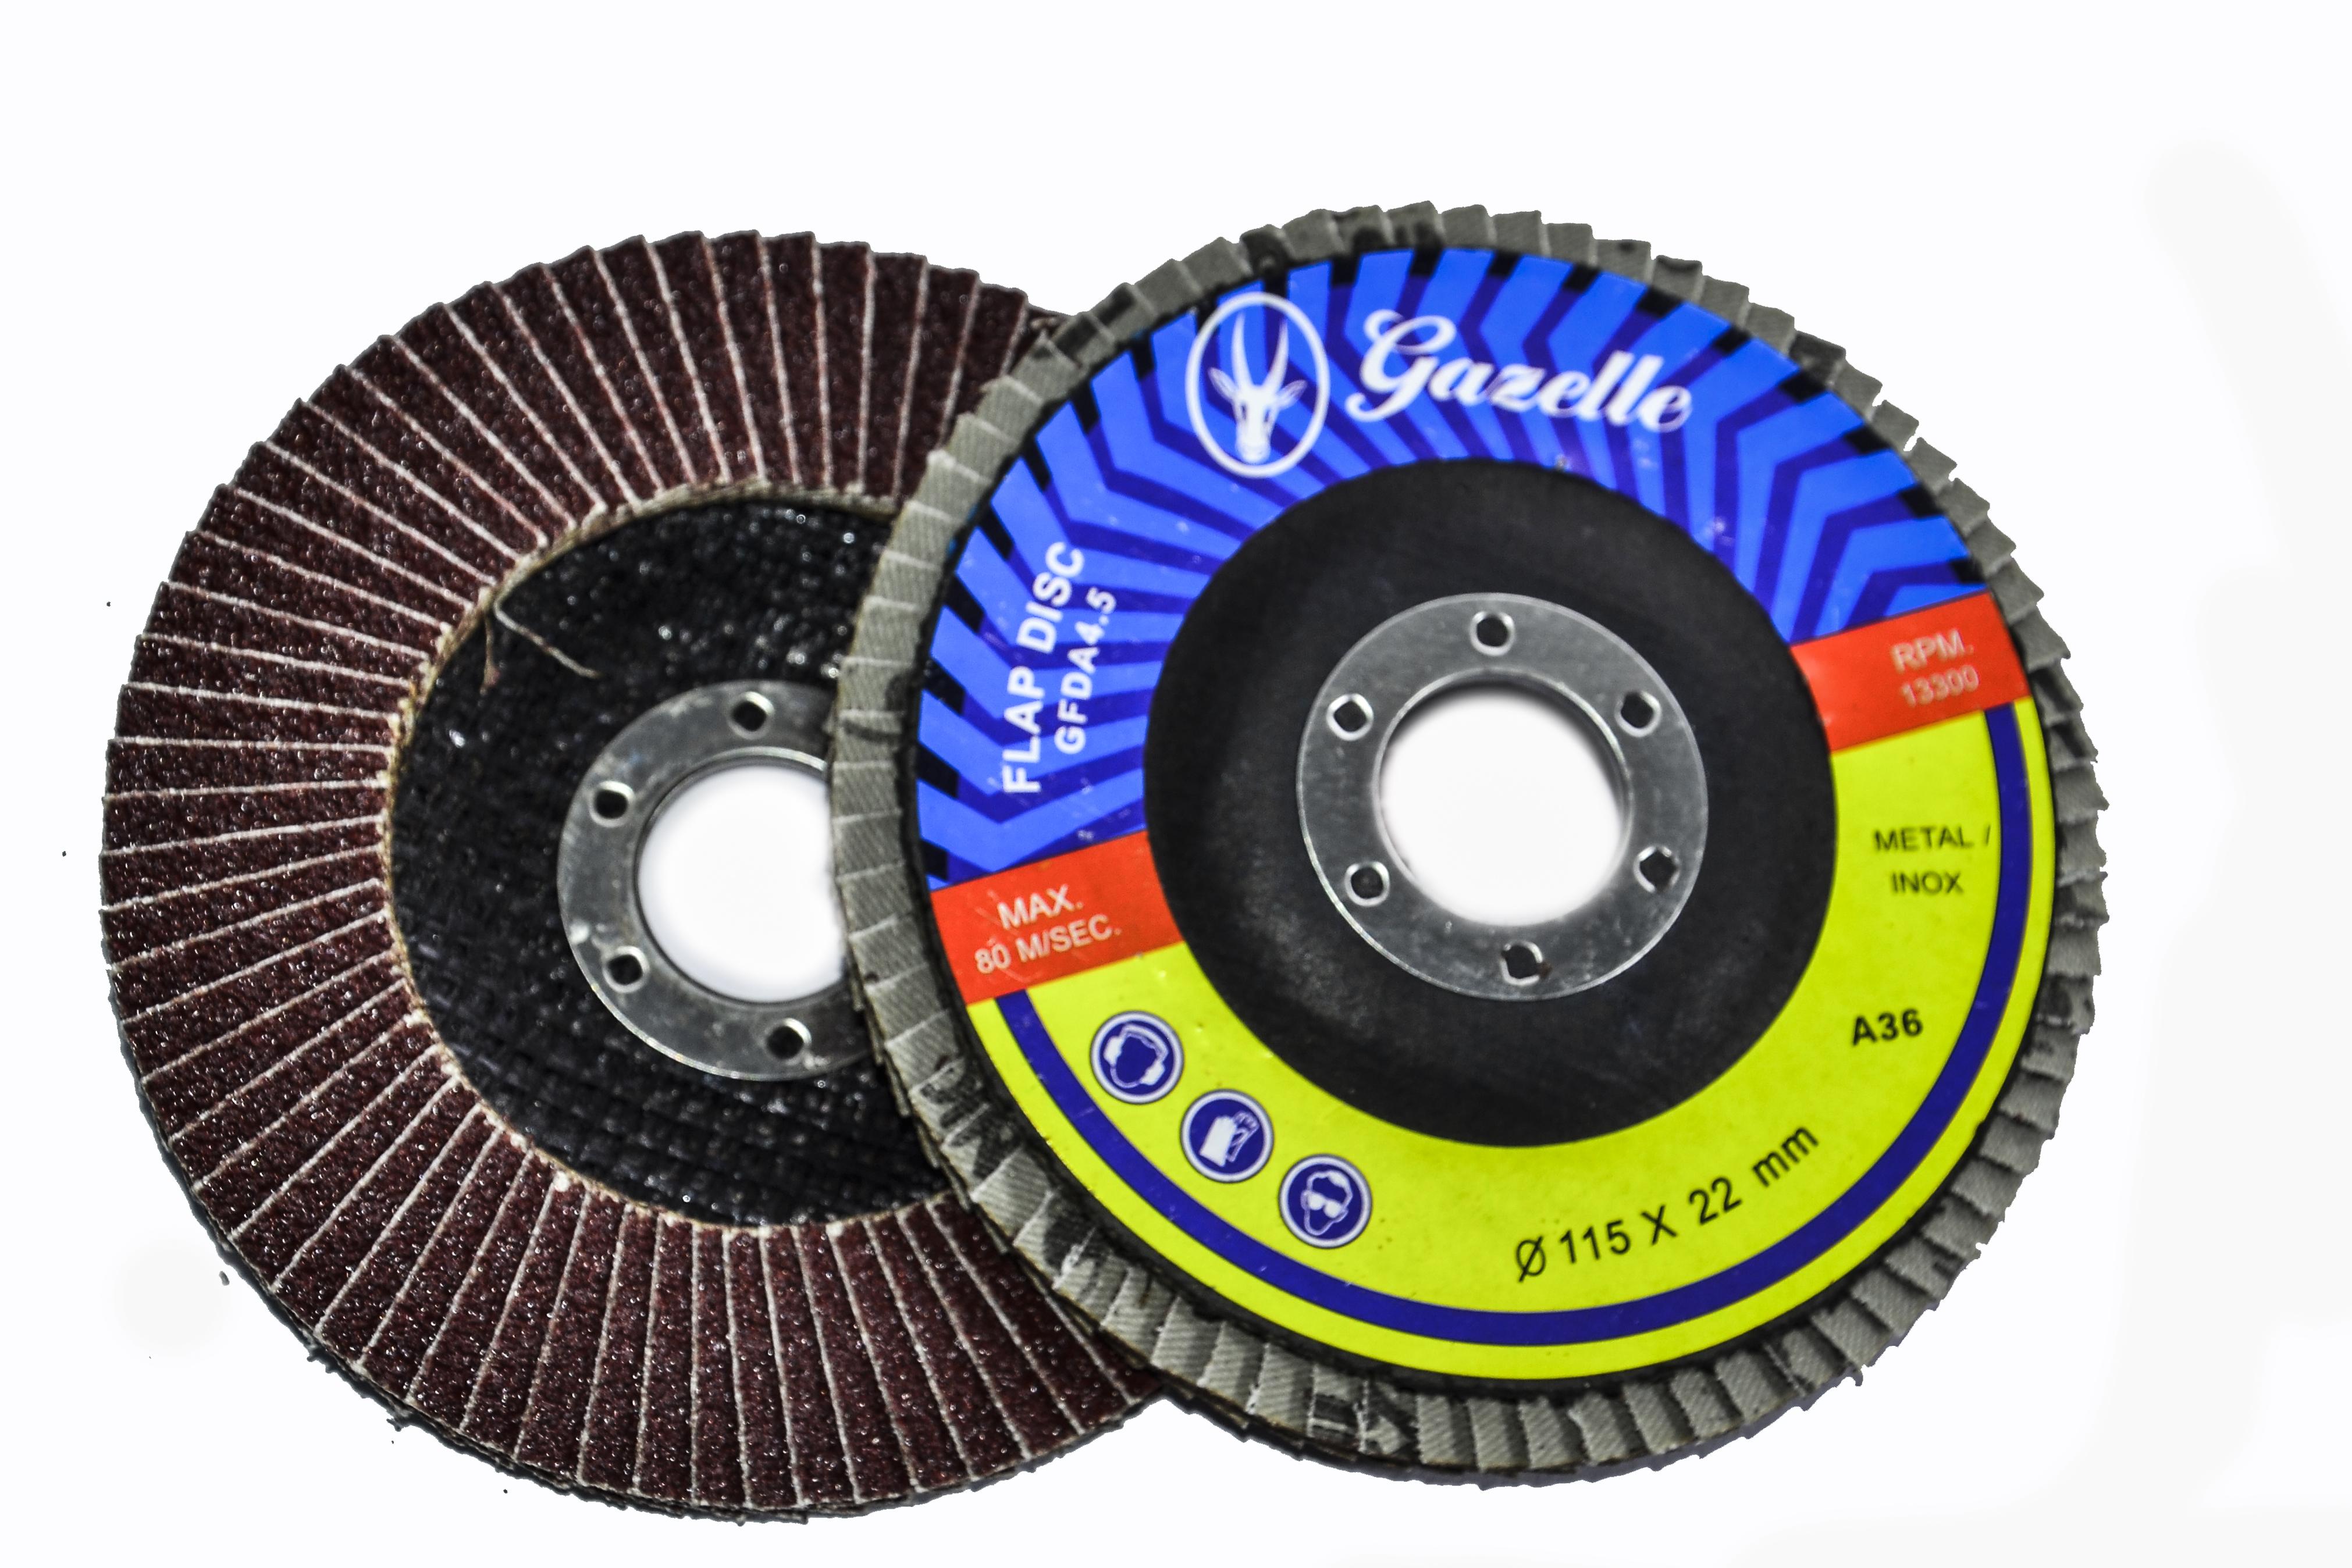 GAZELLE GFDZ4540G - Flap Disc 4.5in – 115mm x 40Grit Zircon